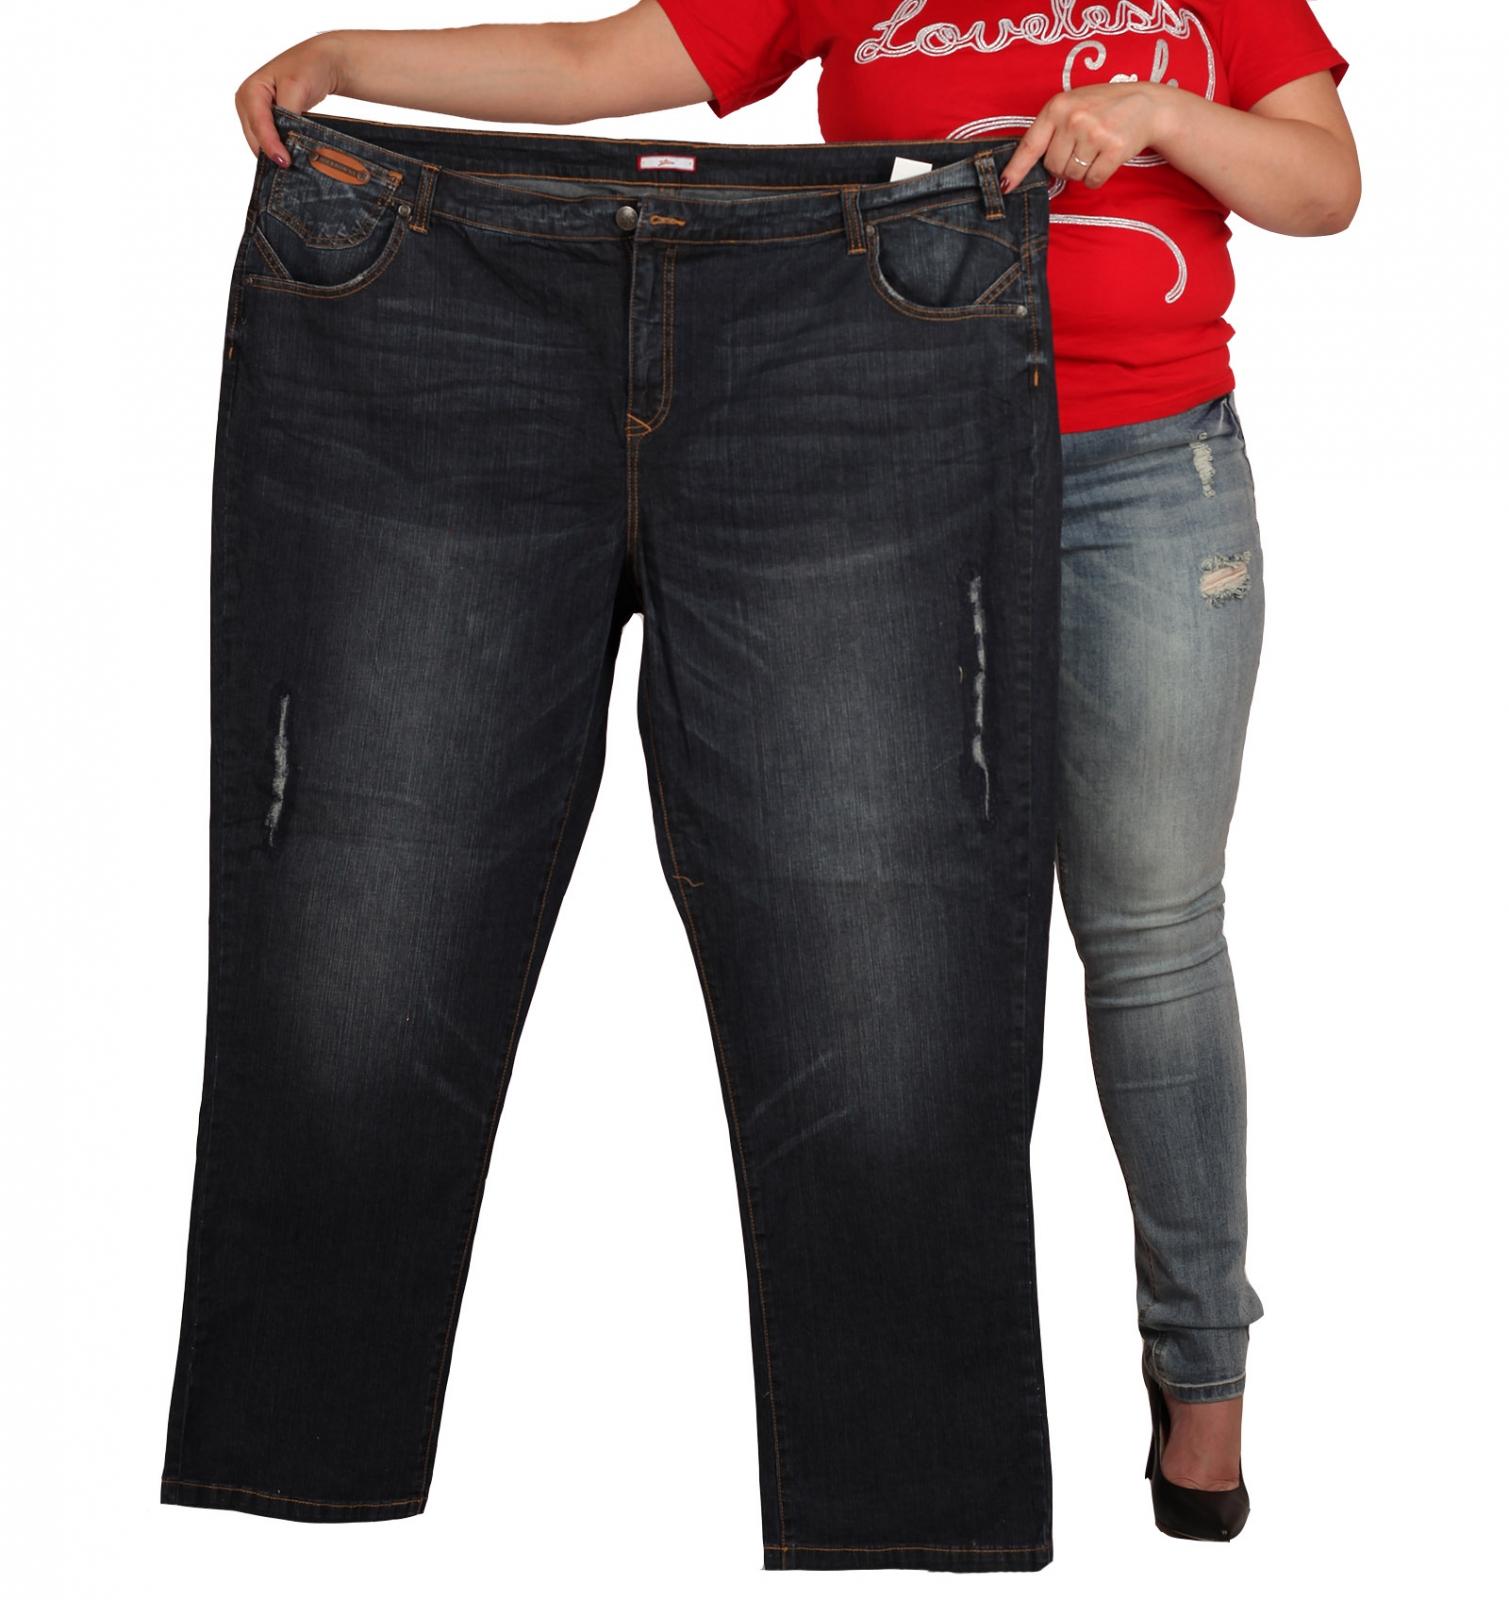 Элегантные женские джинсы от JOE BROWNS (Великобритания). НОВАЯ КОЛЛЕКЦИЯ!